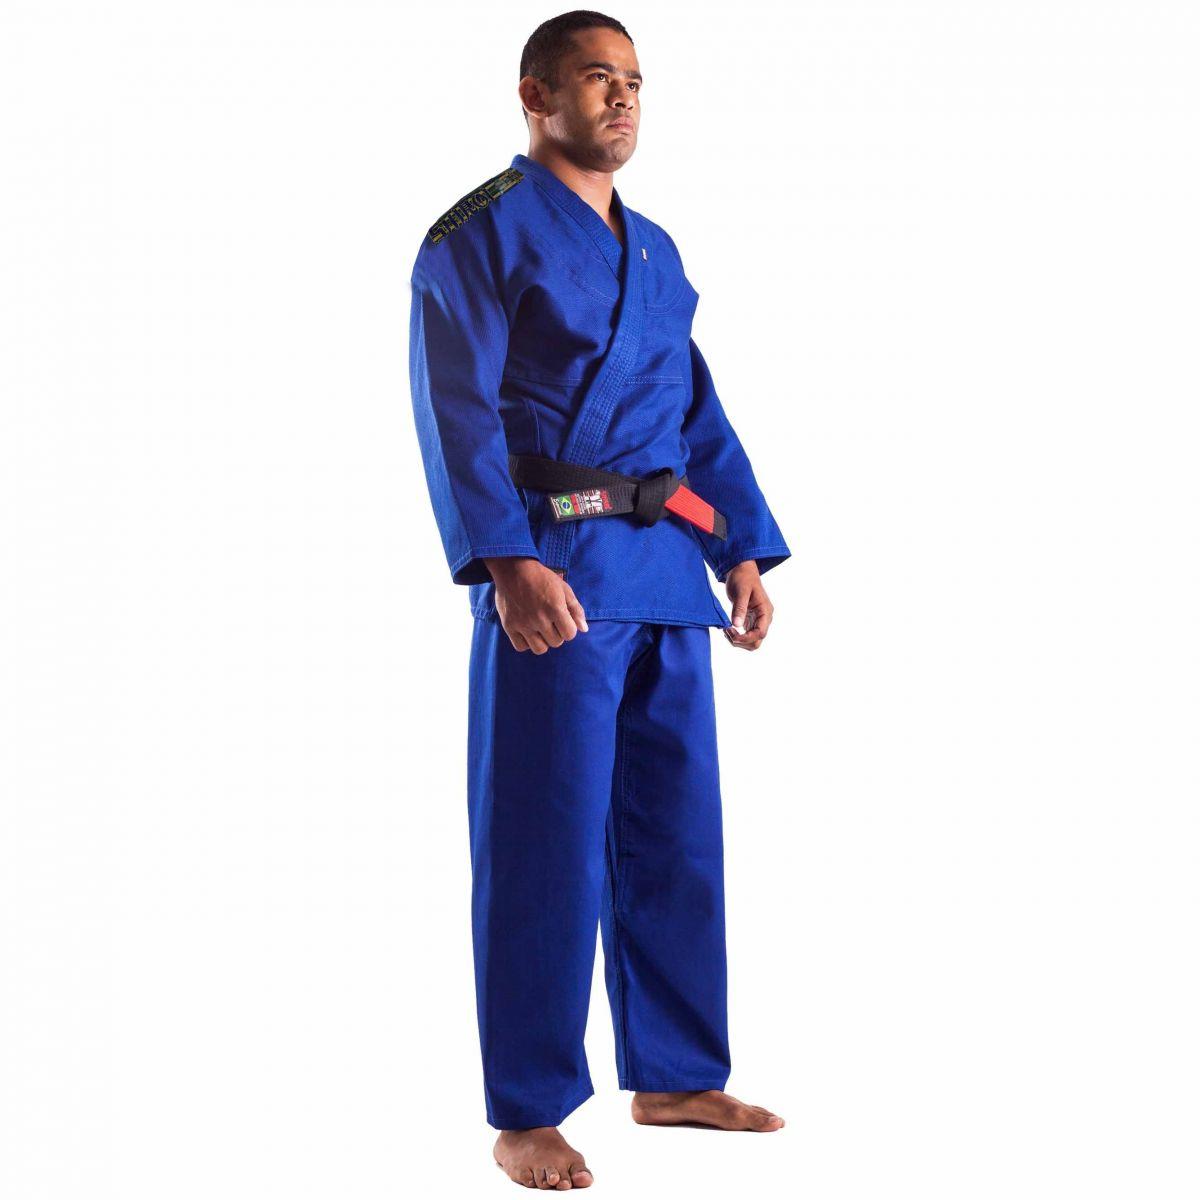 Kimono Jiu Jitsu - Trançadinho - Single  - Adulto - Shiroi - Azul